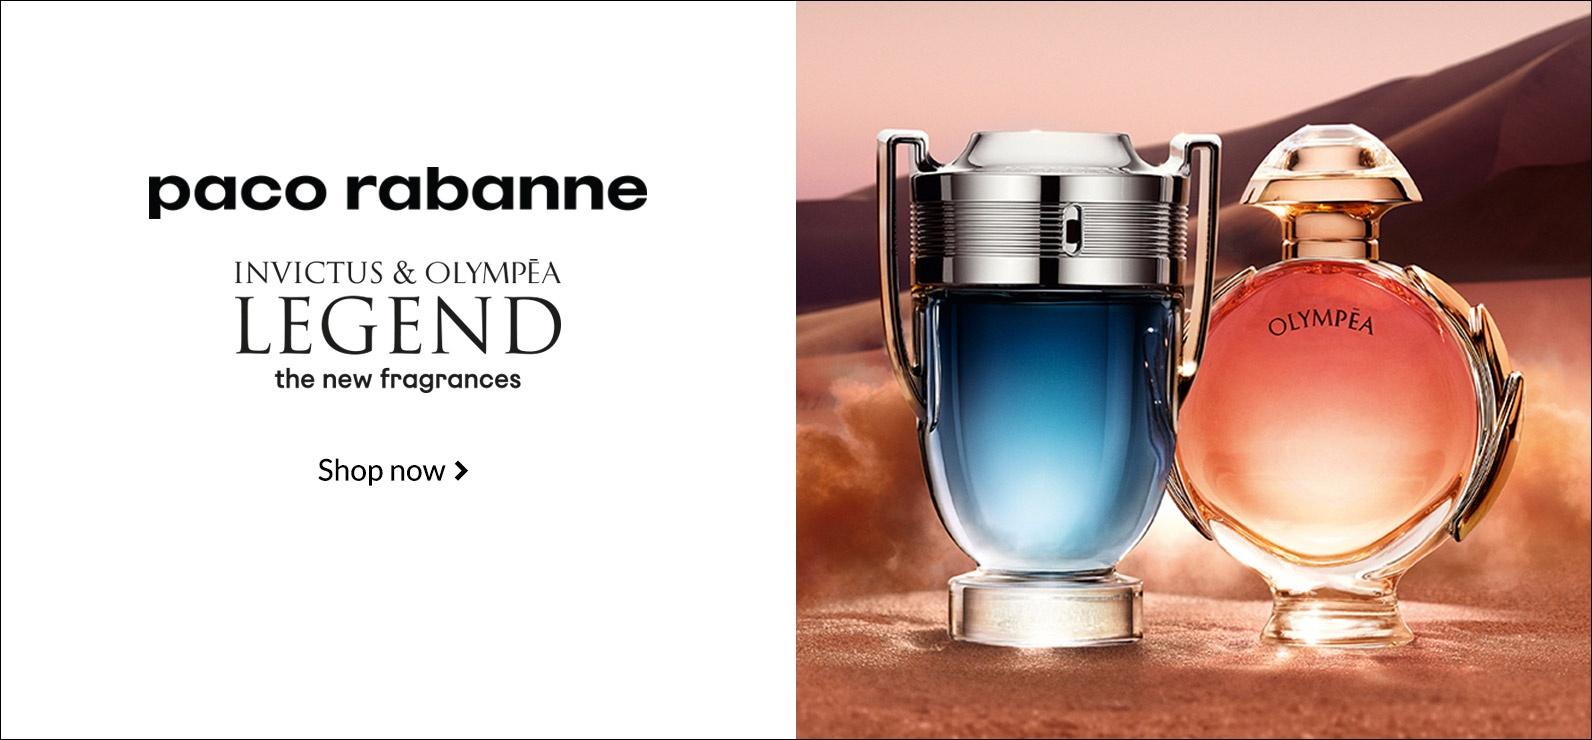 Paco Rabanne Beauty Debenhams